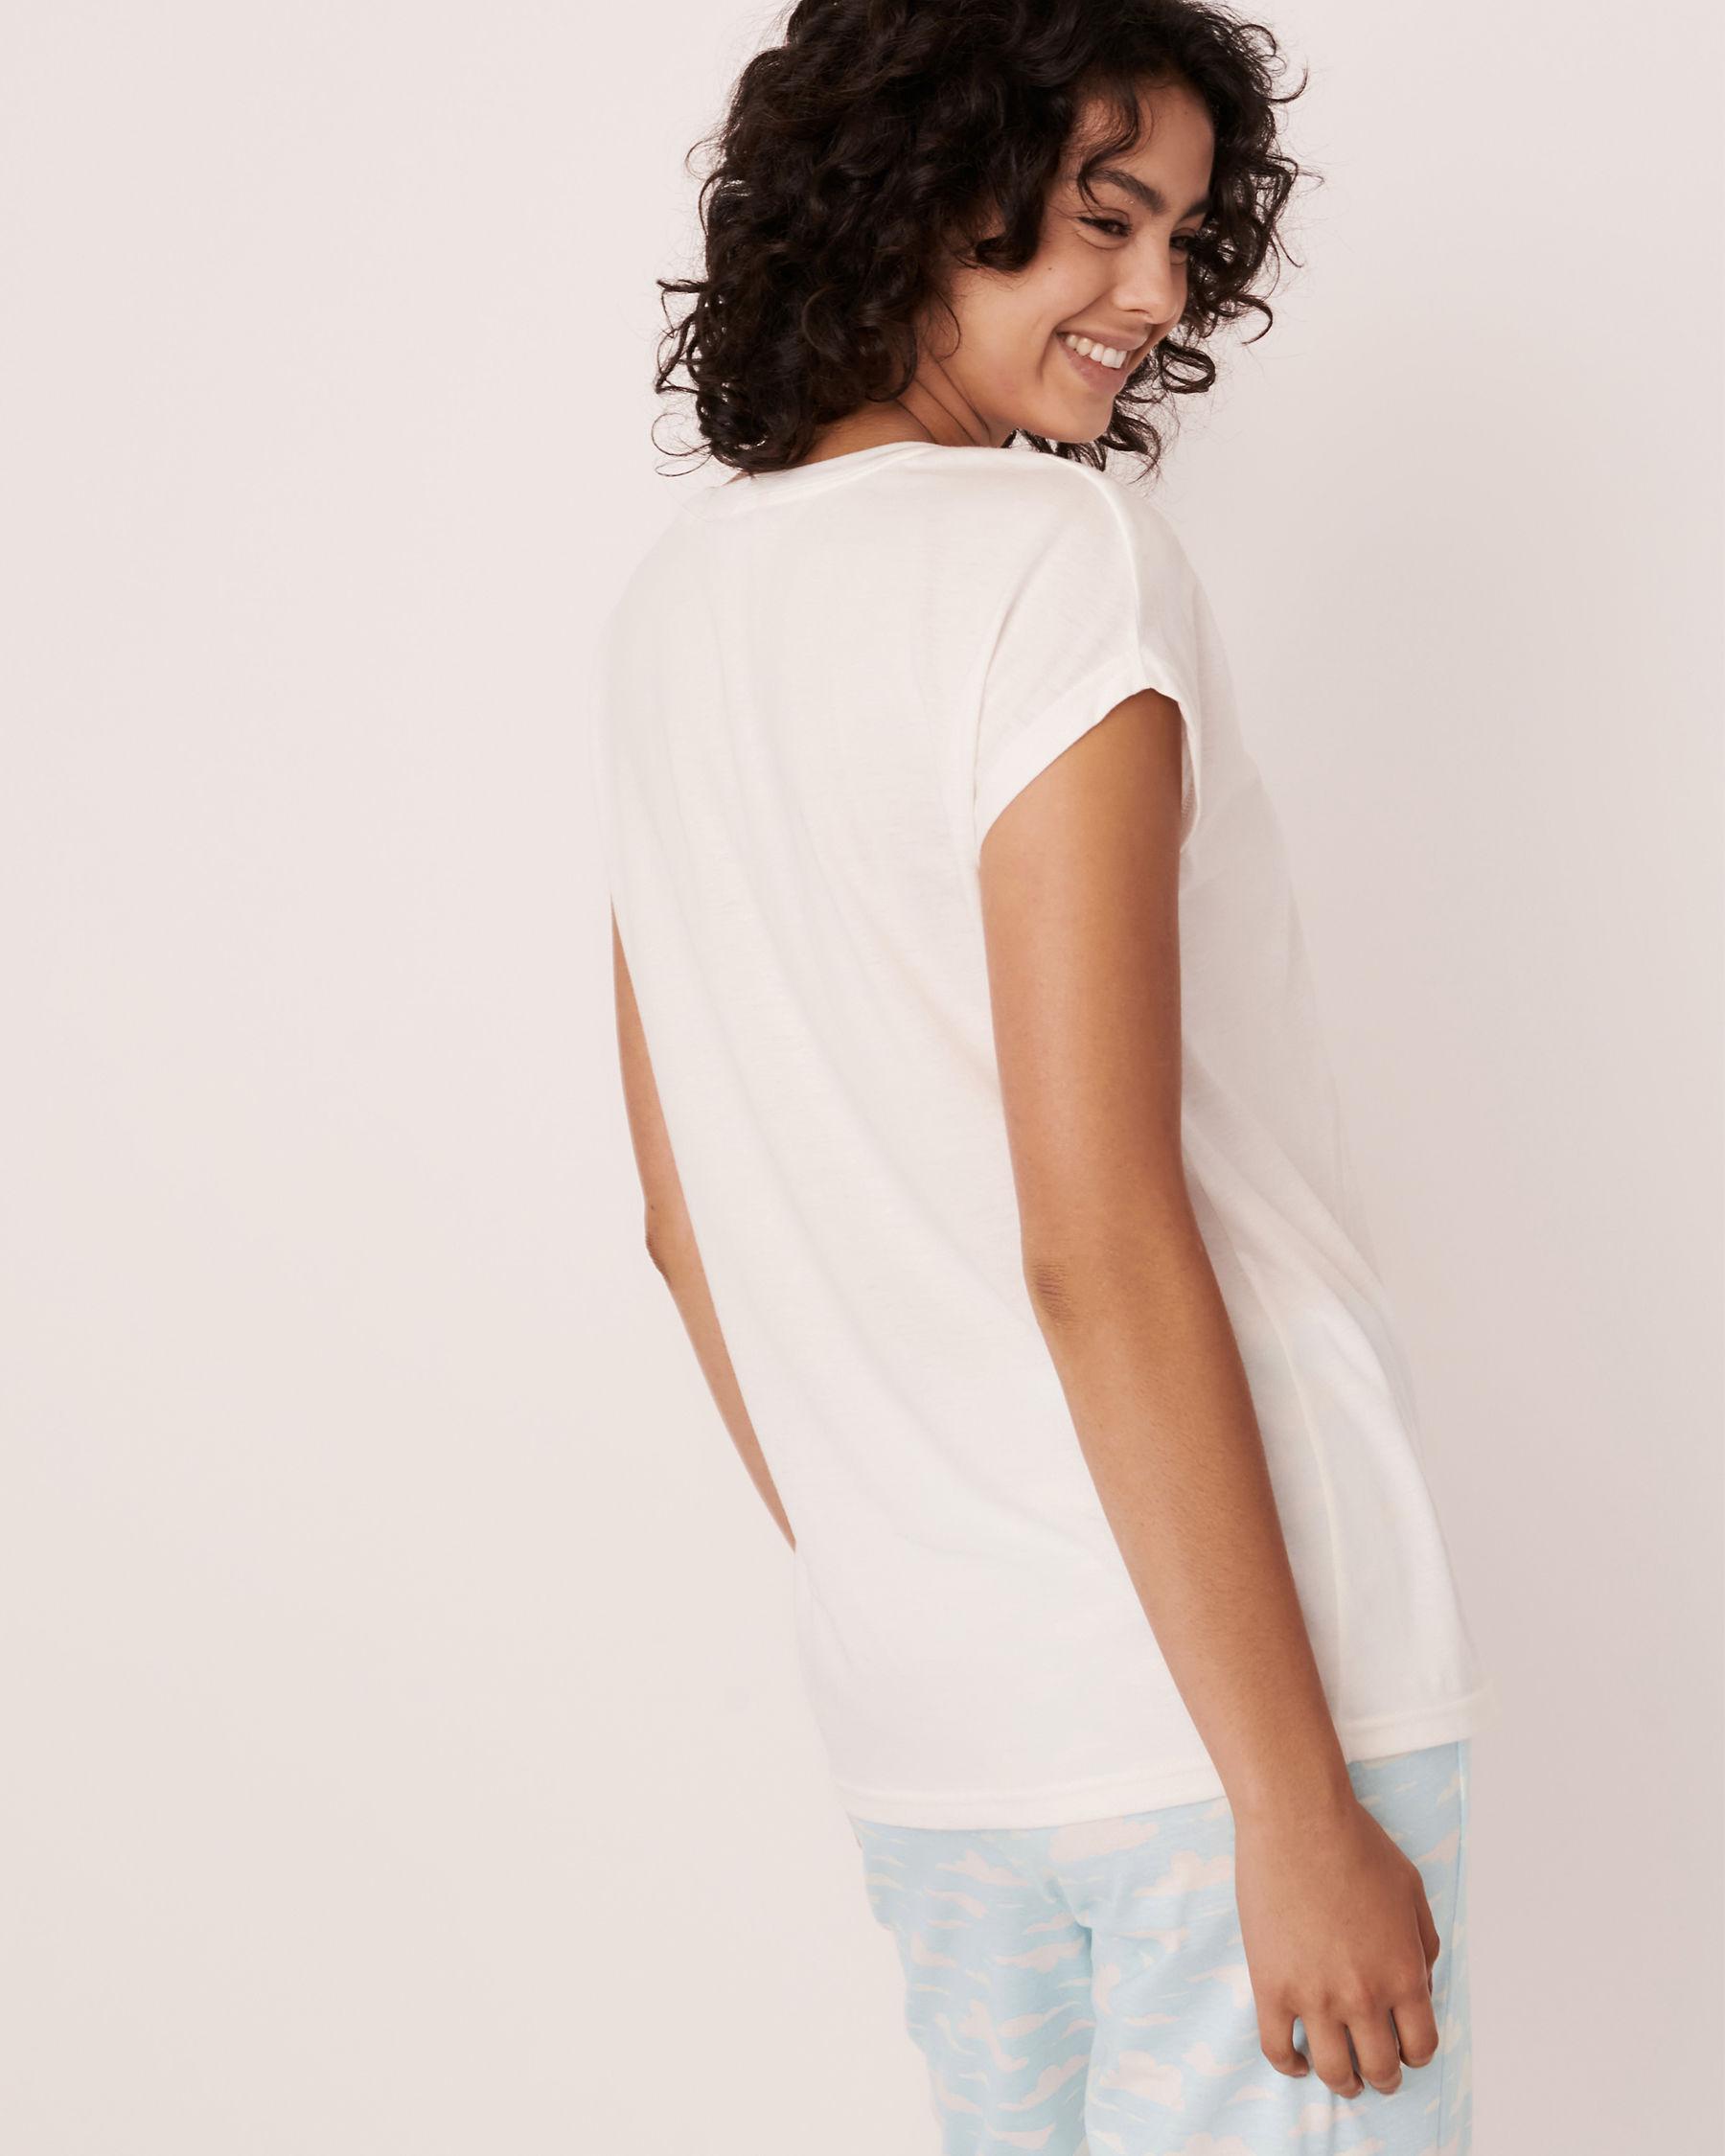 LA VIE EN ROSE Scoop Neck T-shirt White 40100170 - View2